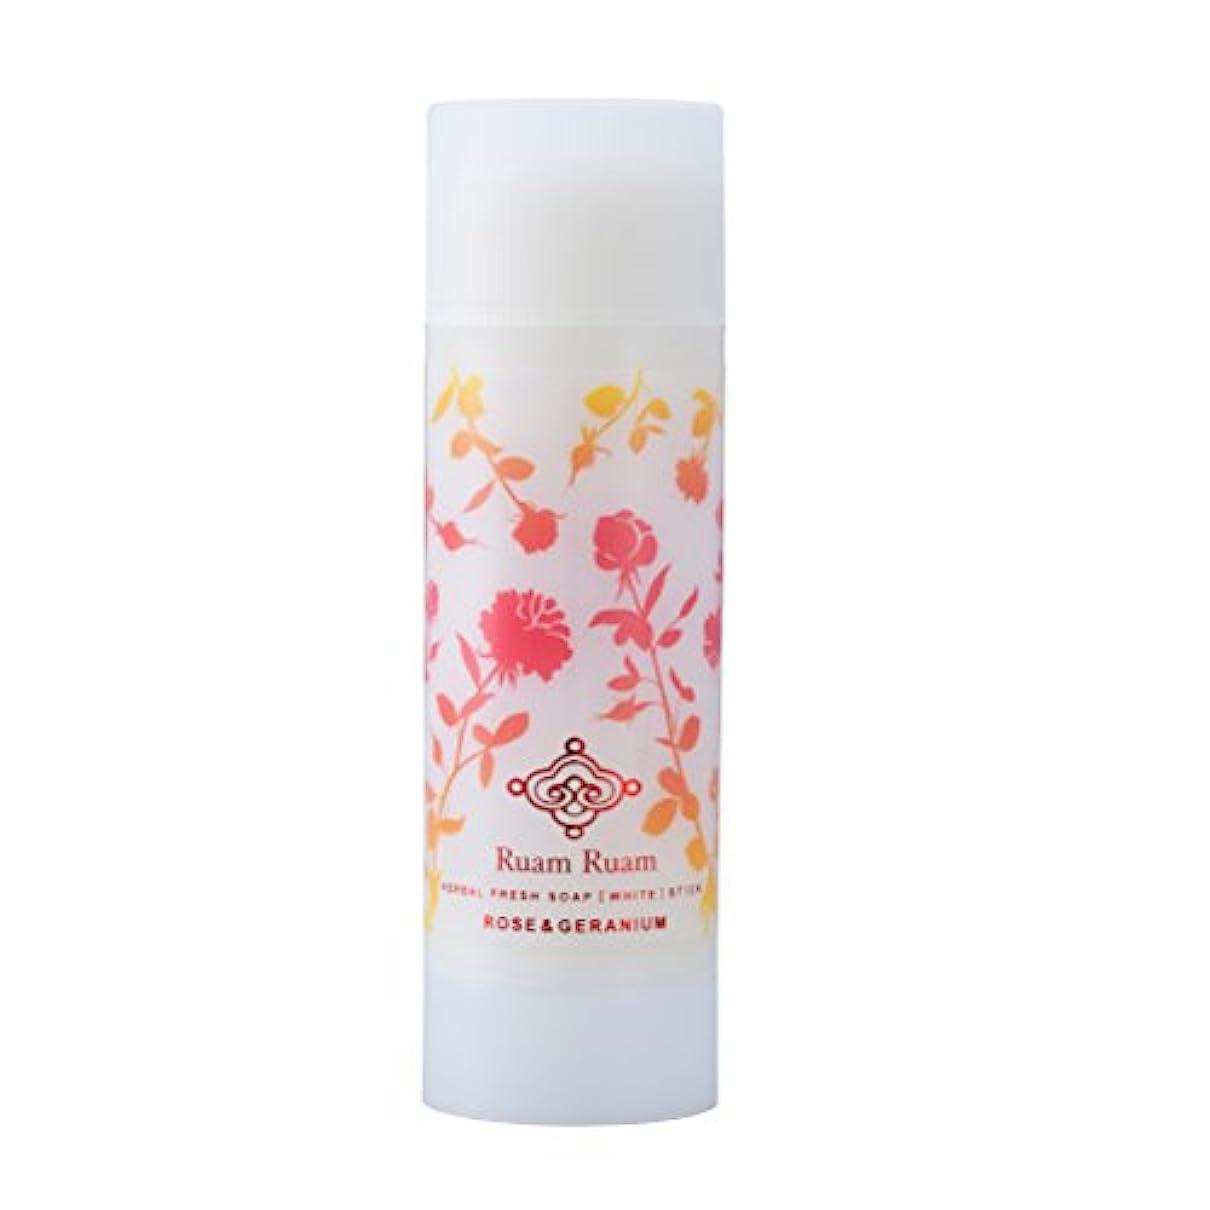 反応する統合せがむルアンルアン(Ruam Ruam) 洗顔石鹸(白) ローズアンドゼラニウム 90g